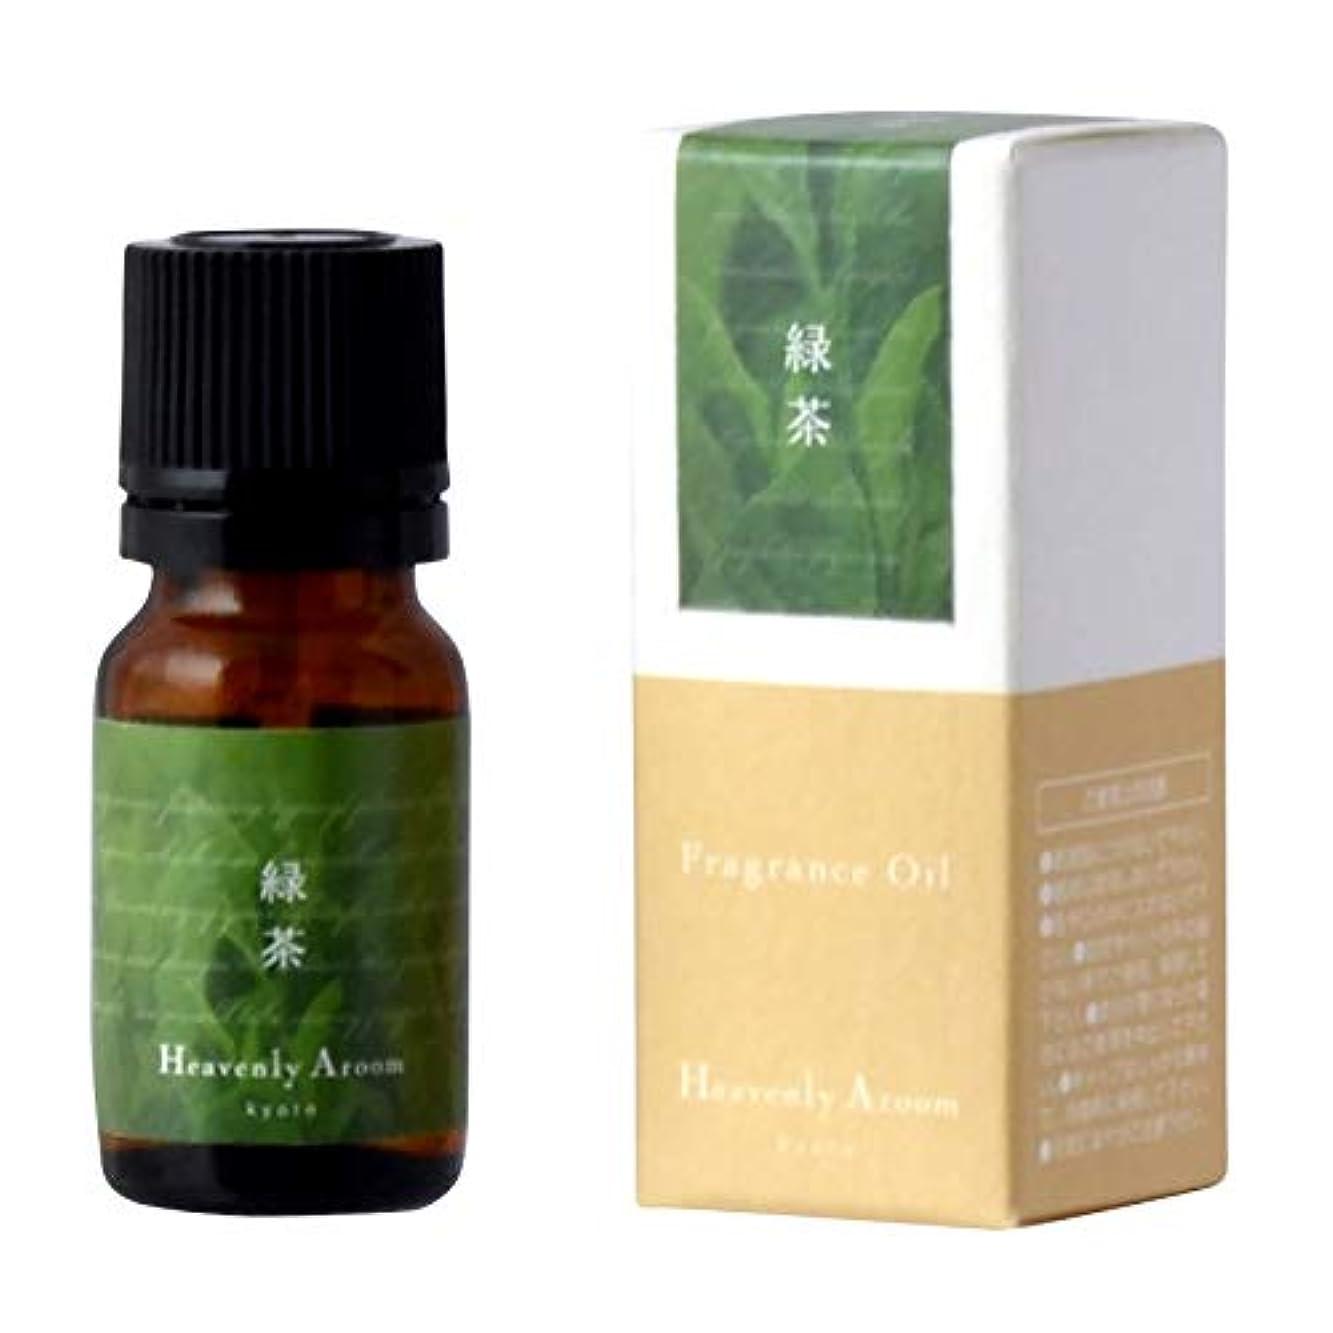 ブラザー印象的ネコHeavenly Aroom フレグランスオイル 緑茶 10ml